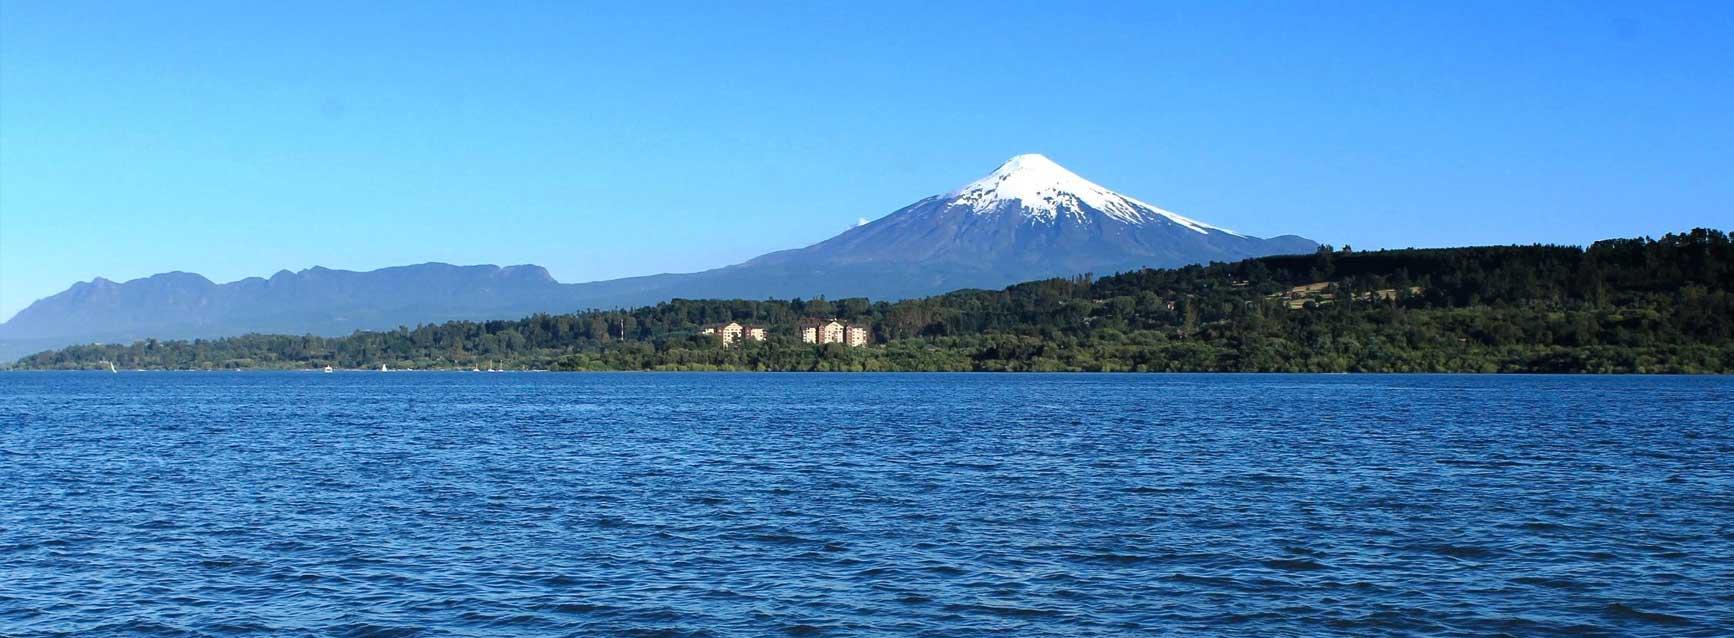 lago-villarrica-huimapalay-tray